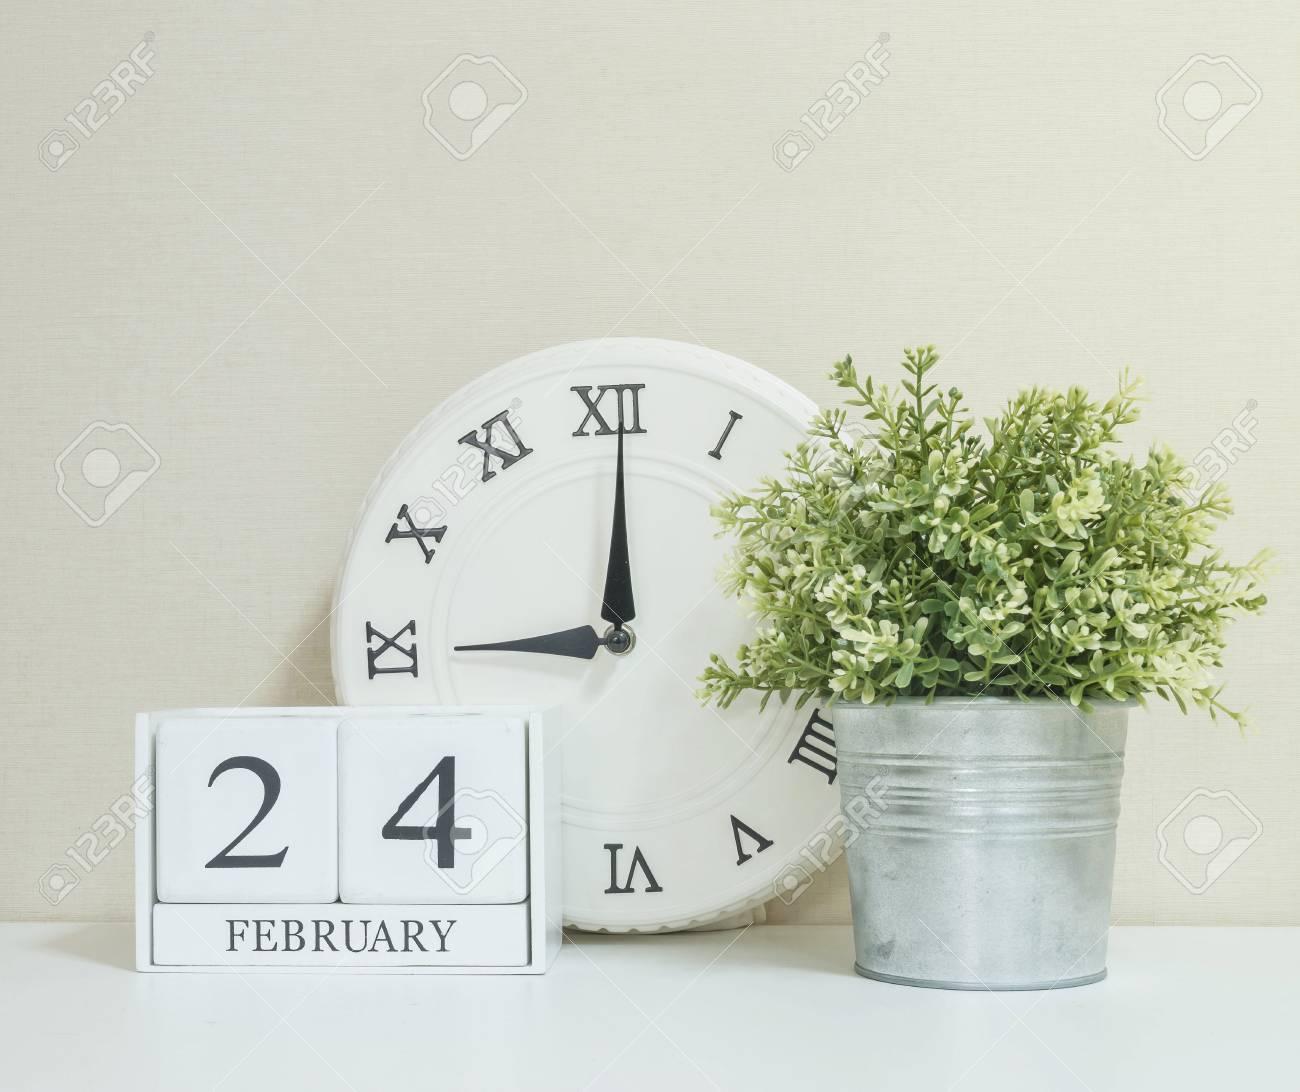 白い木製の机 カレンダーで選択と集中で質感のクリームの壁紙の背景に黒の 2 月 24 日単語の時計と工場と白い木製カレンダー の写真素材 画像素材 Image